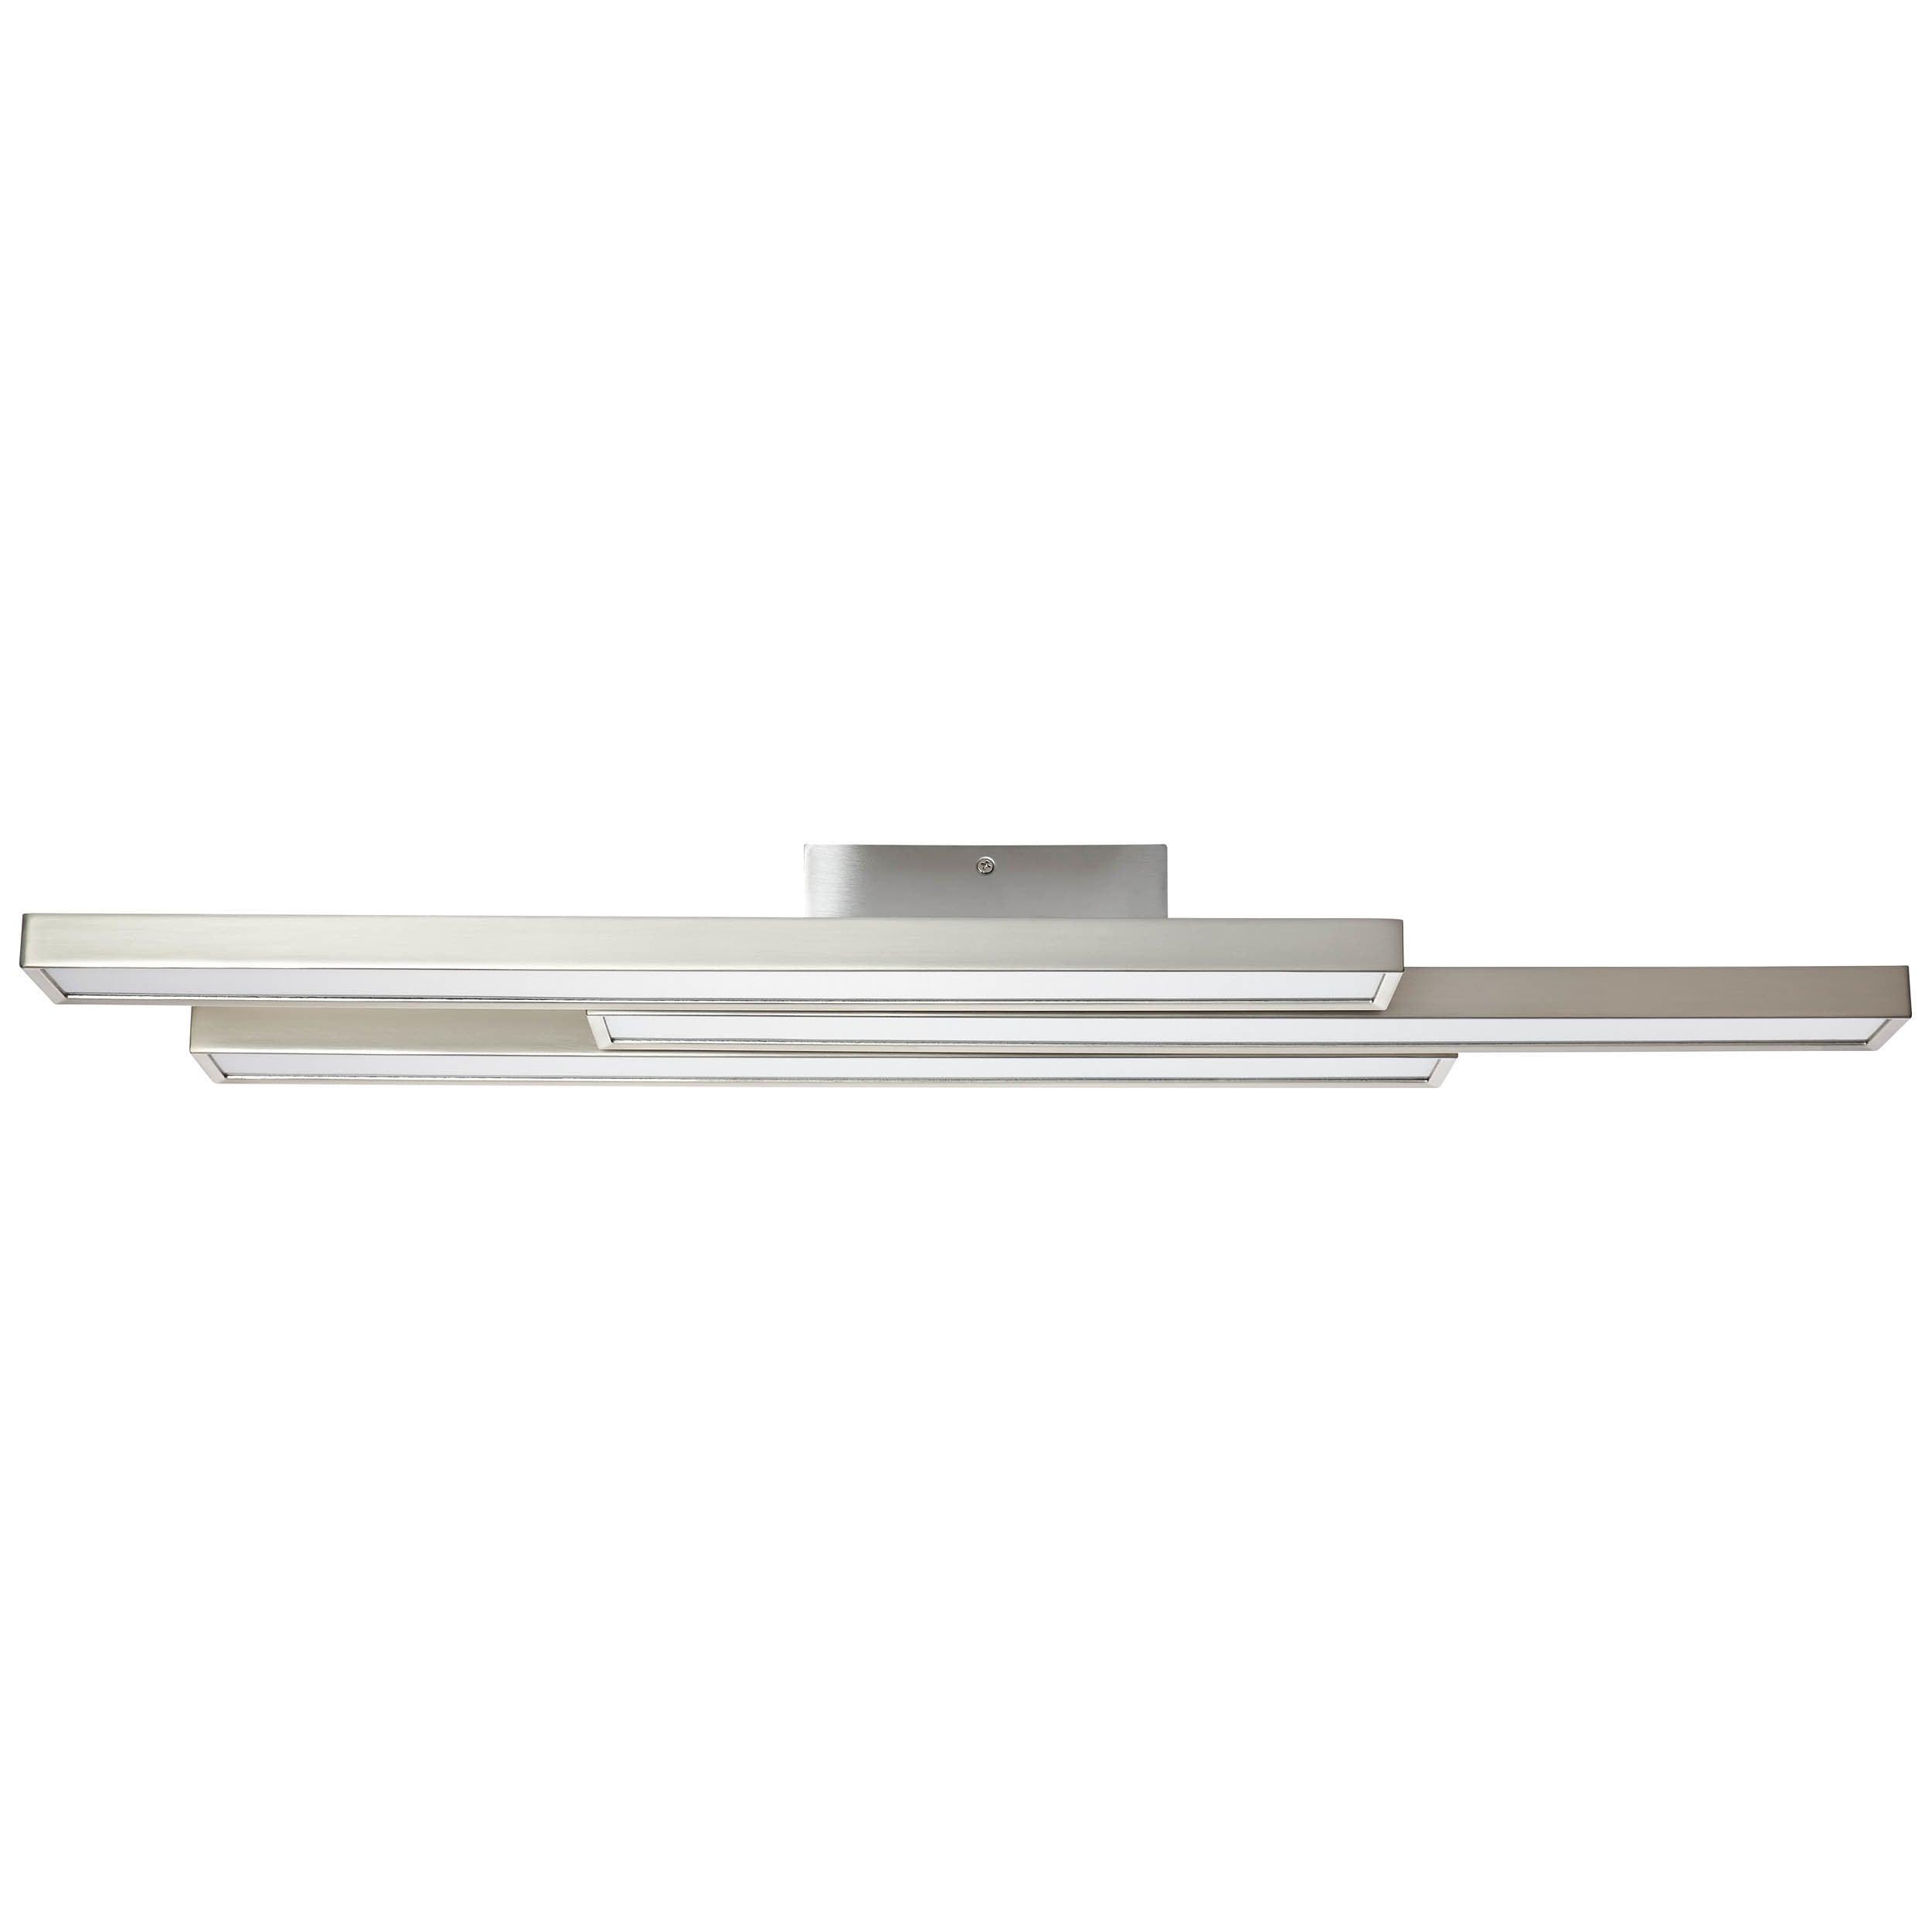 Brilliant Leuchten Sword WiZ LED Deckenleuchte 3flg nickel eloxiert/weiß